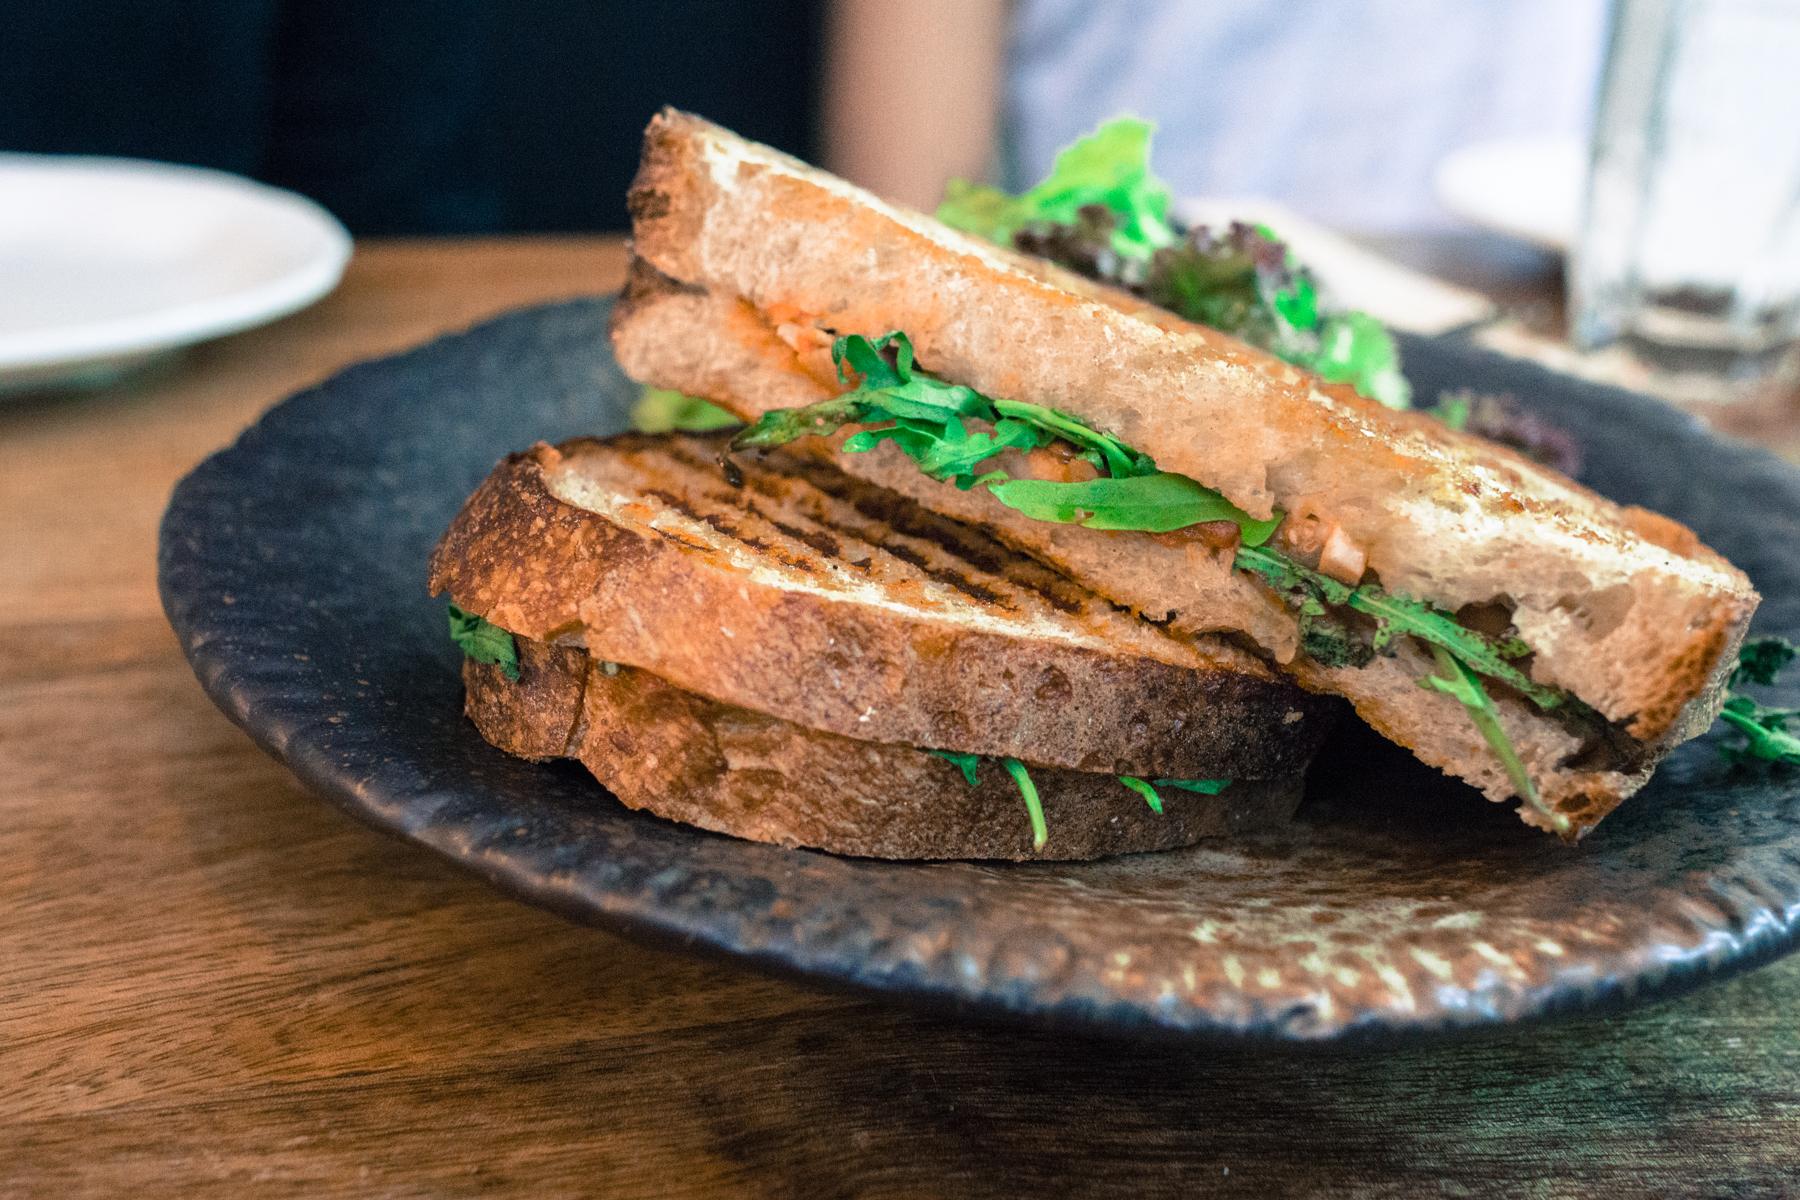 hong-kong-vegan-glutten-free-vegetarian-prune-restaurant-cafe-3